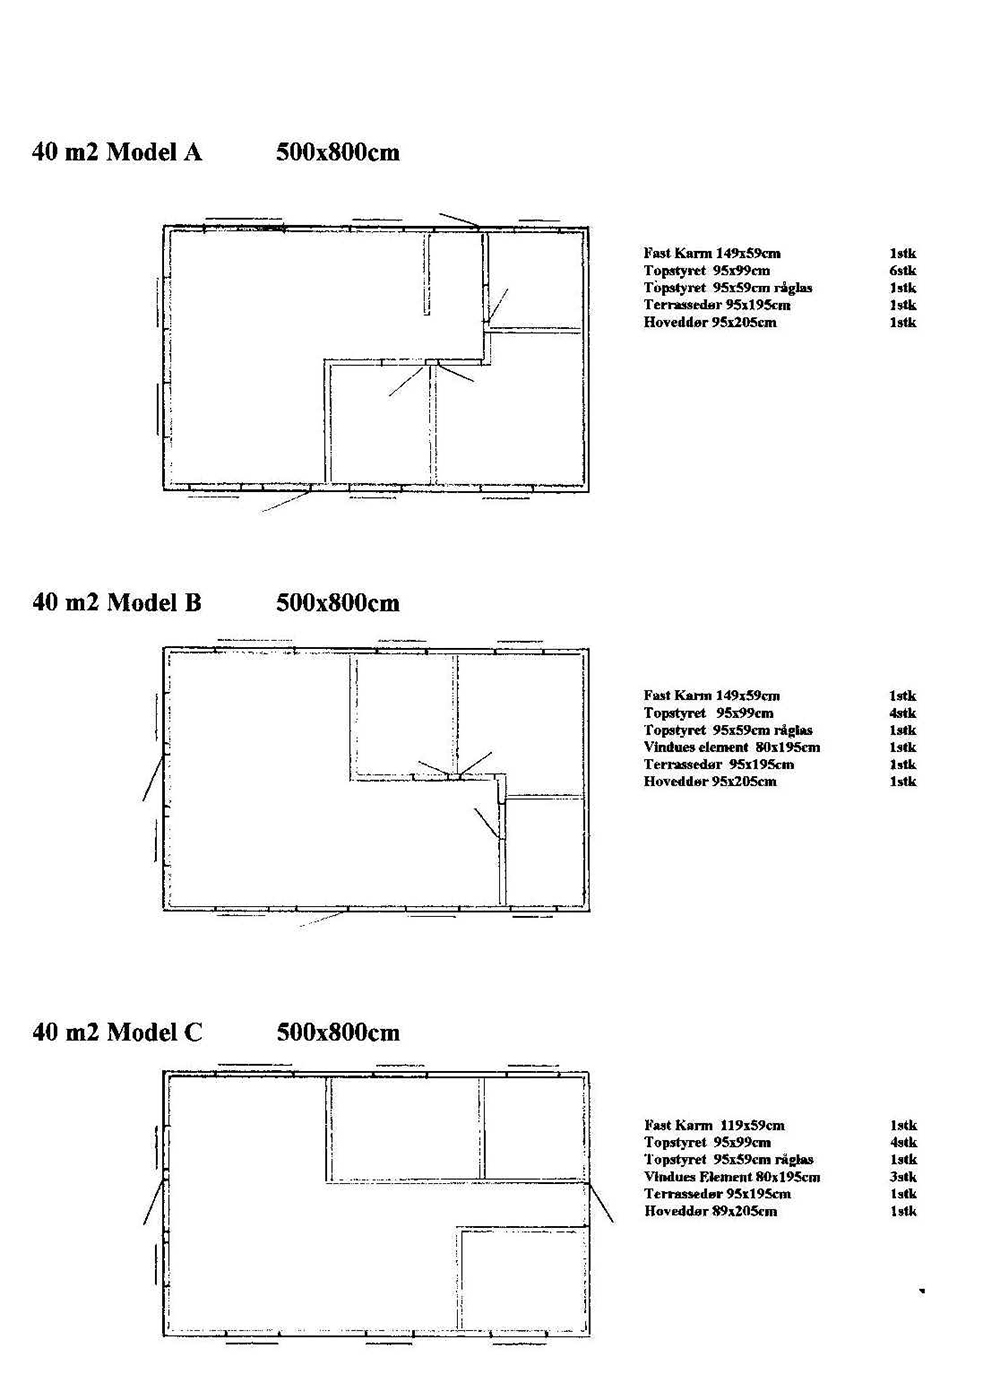 40m2_a-grundplan